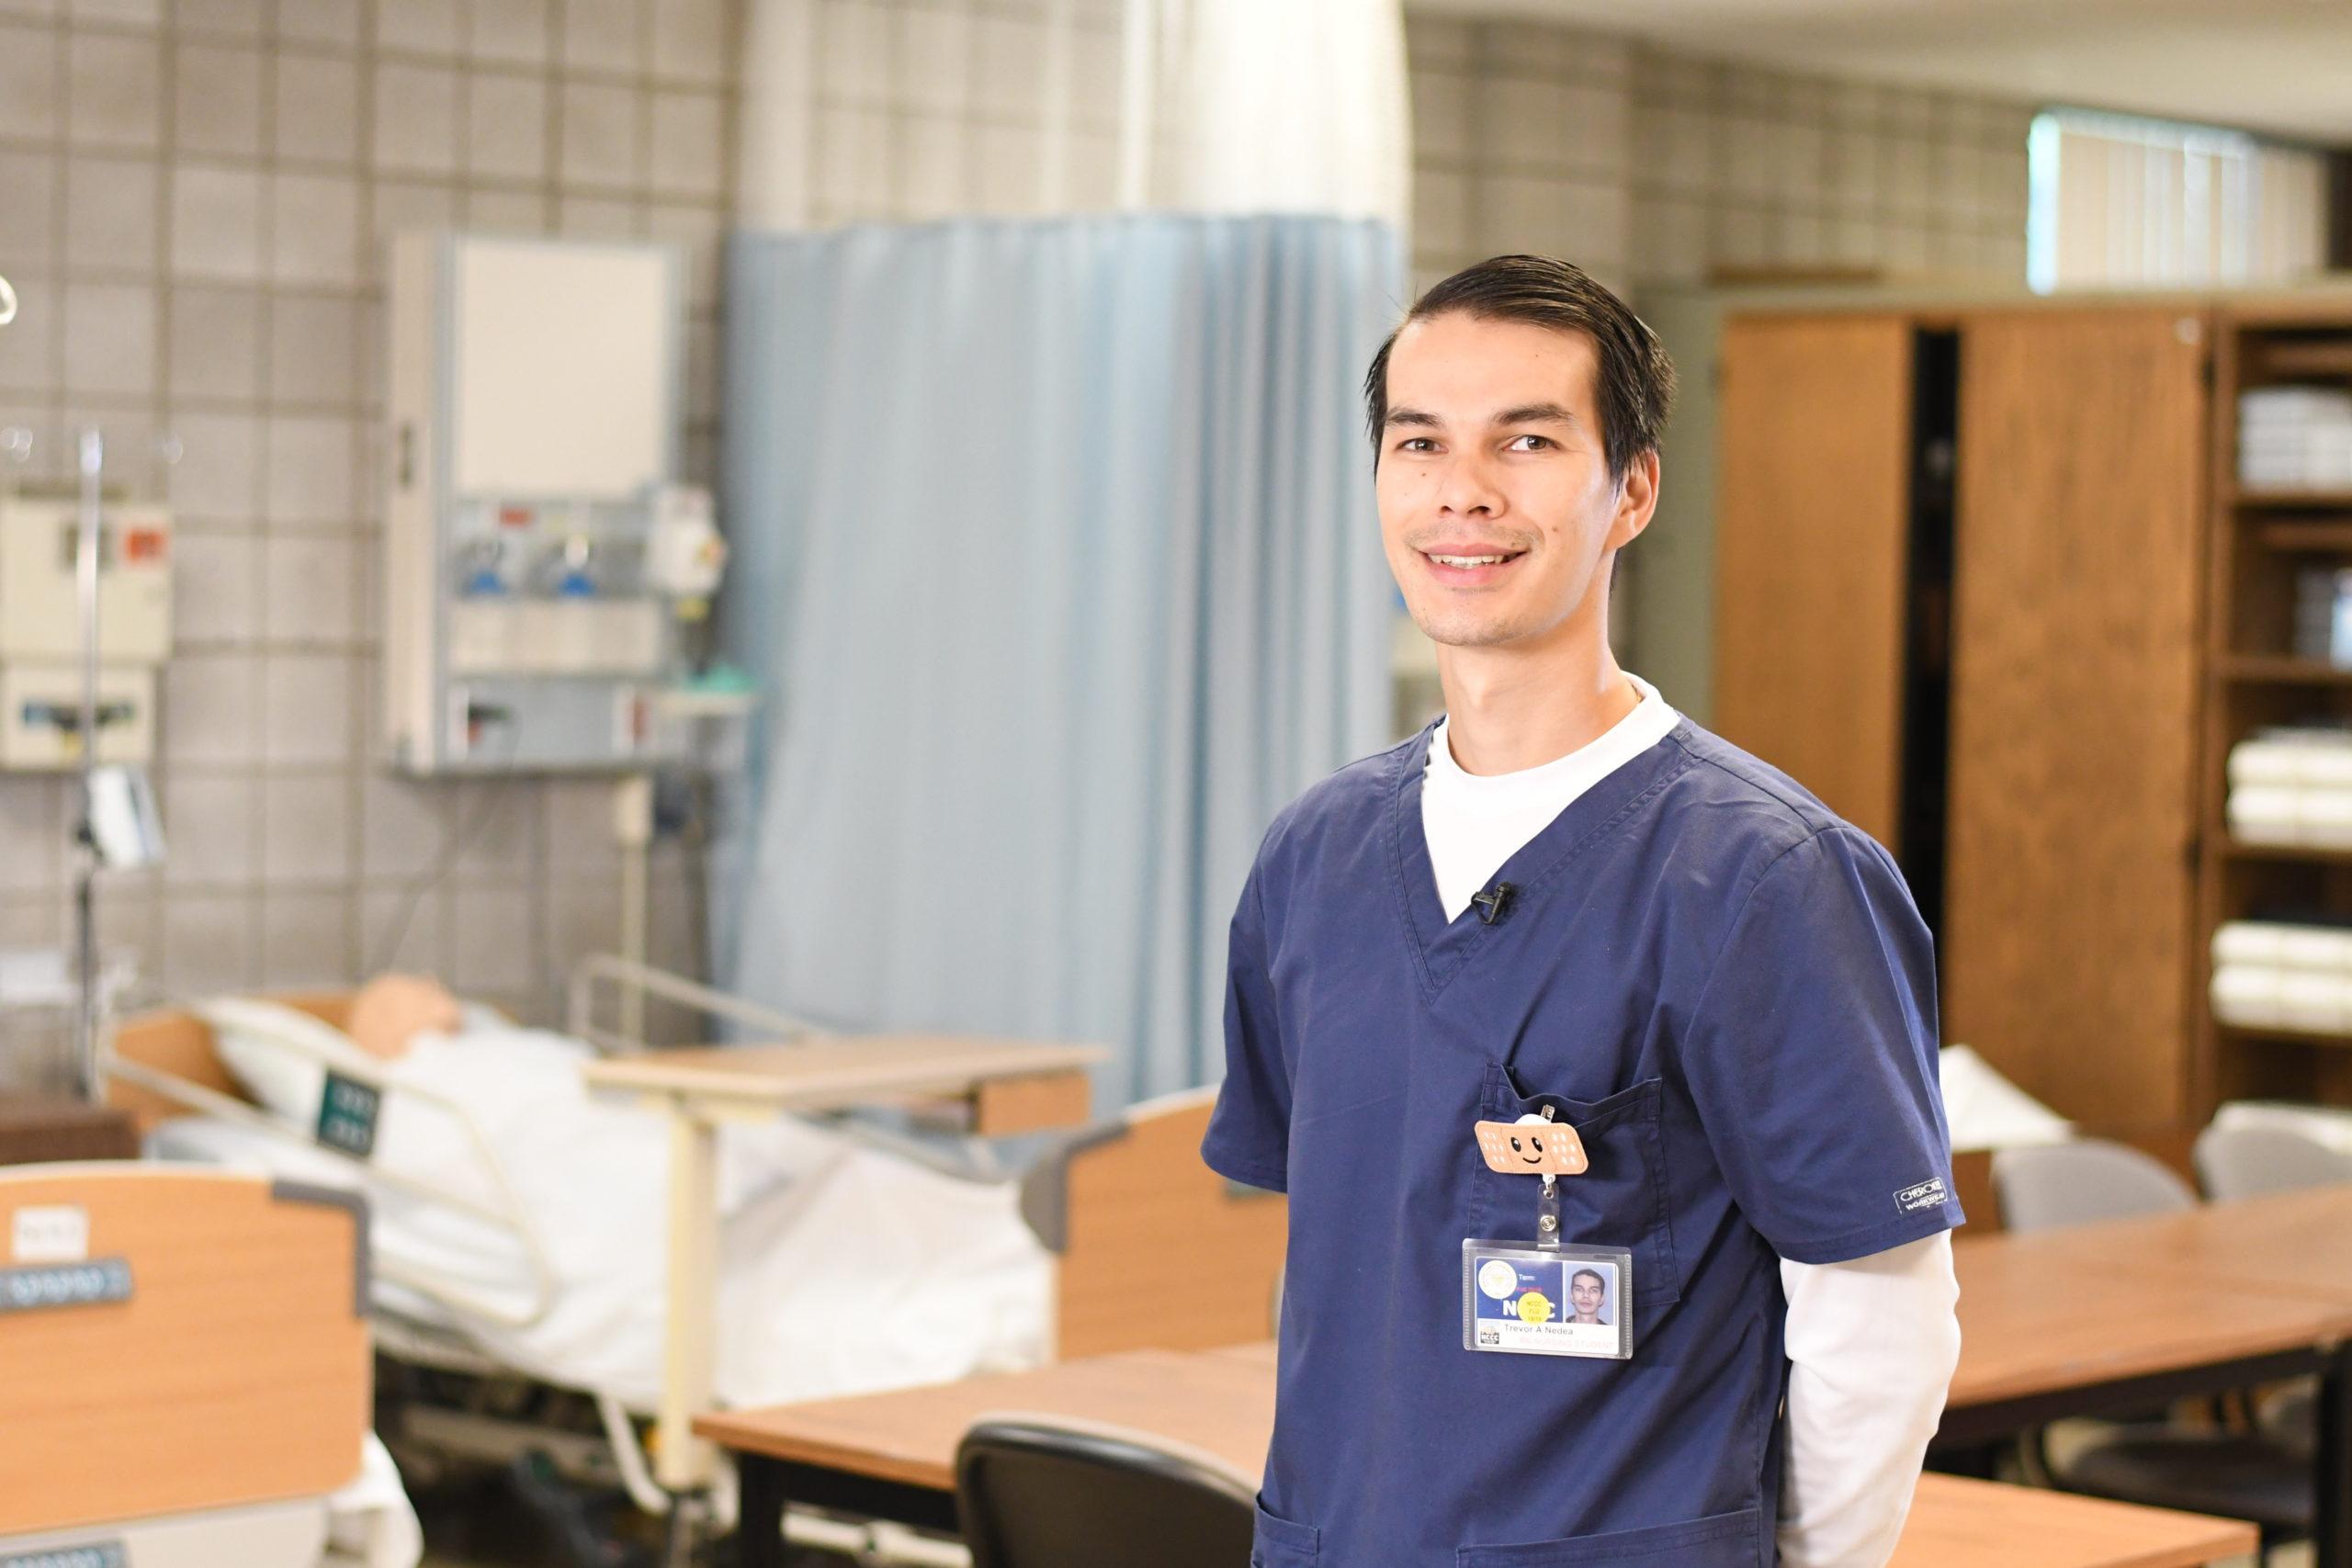 Trevor - Nursing